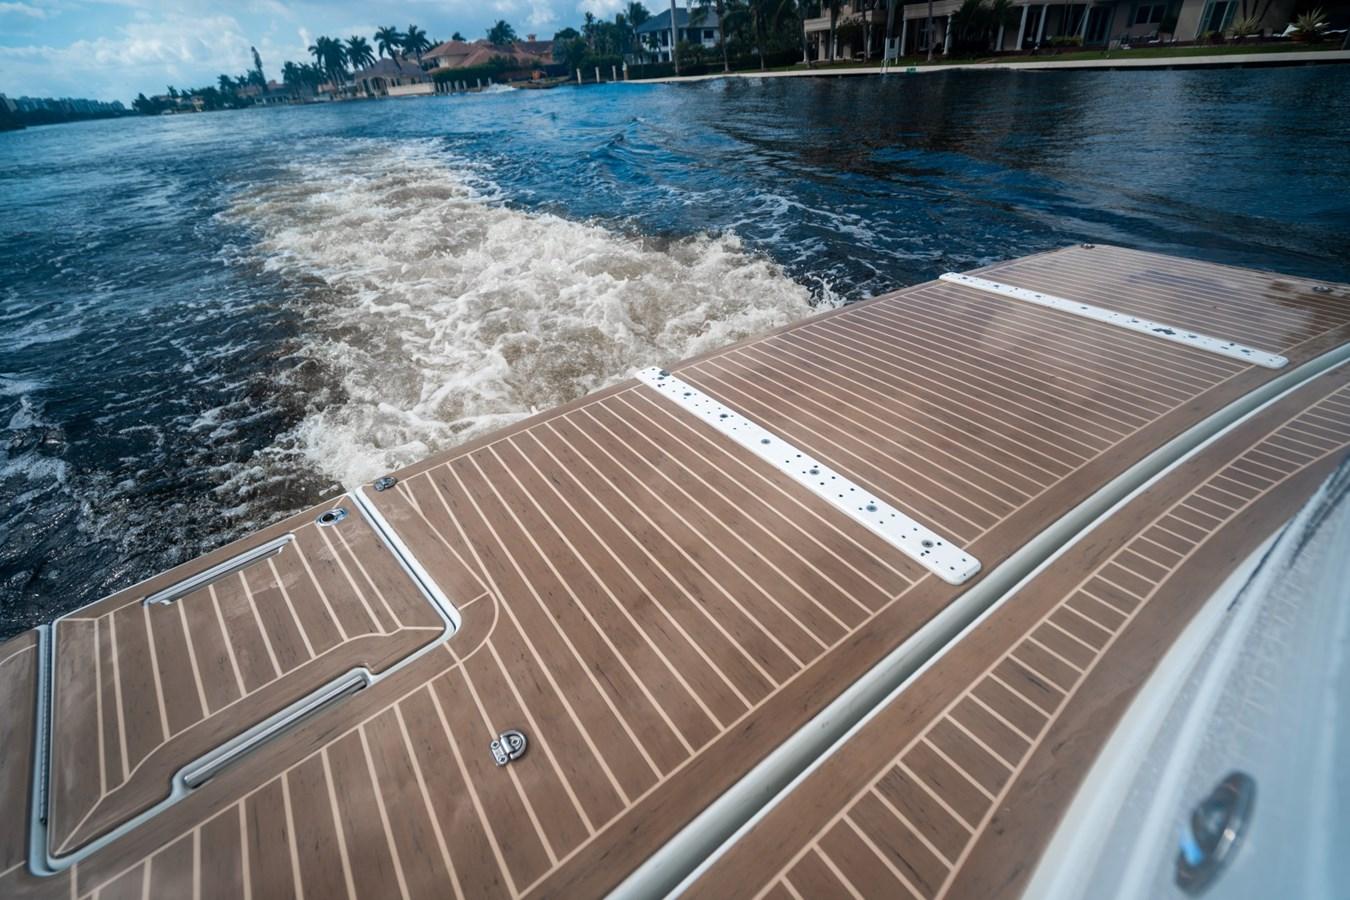 8 2015 FORMULA 45 YACHT Motor Yacht 2737239